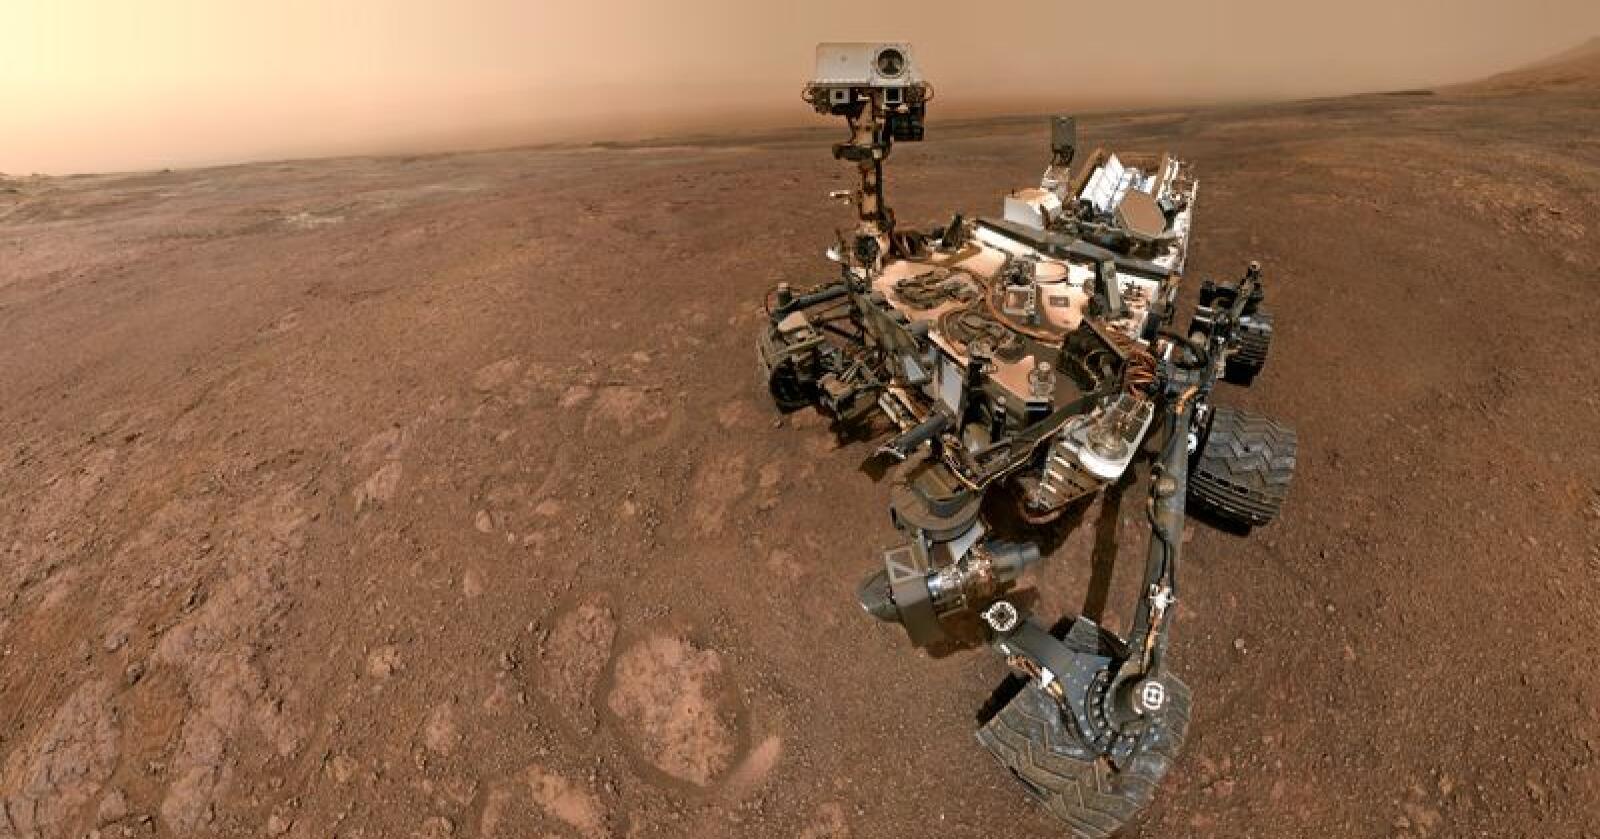 Mennesket har allerede sendt roboter til Mars, men foreløpig ingen bønder. Foto: Unity Rover, Nasa